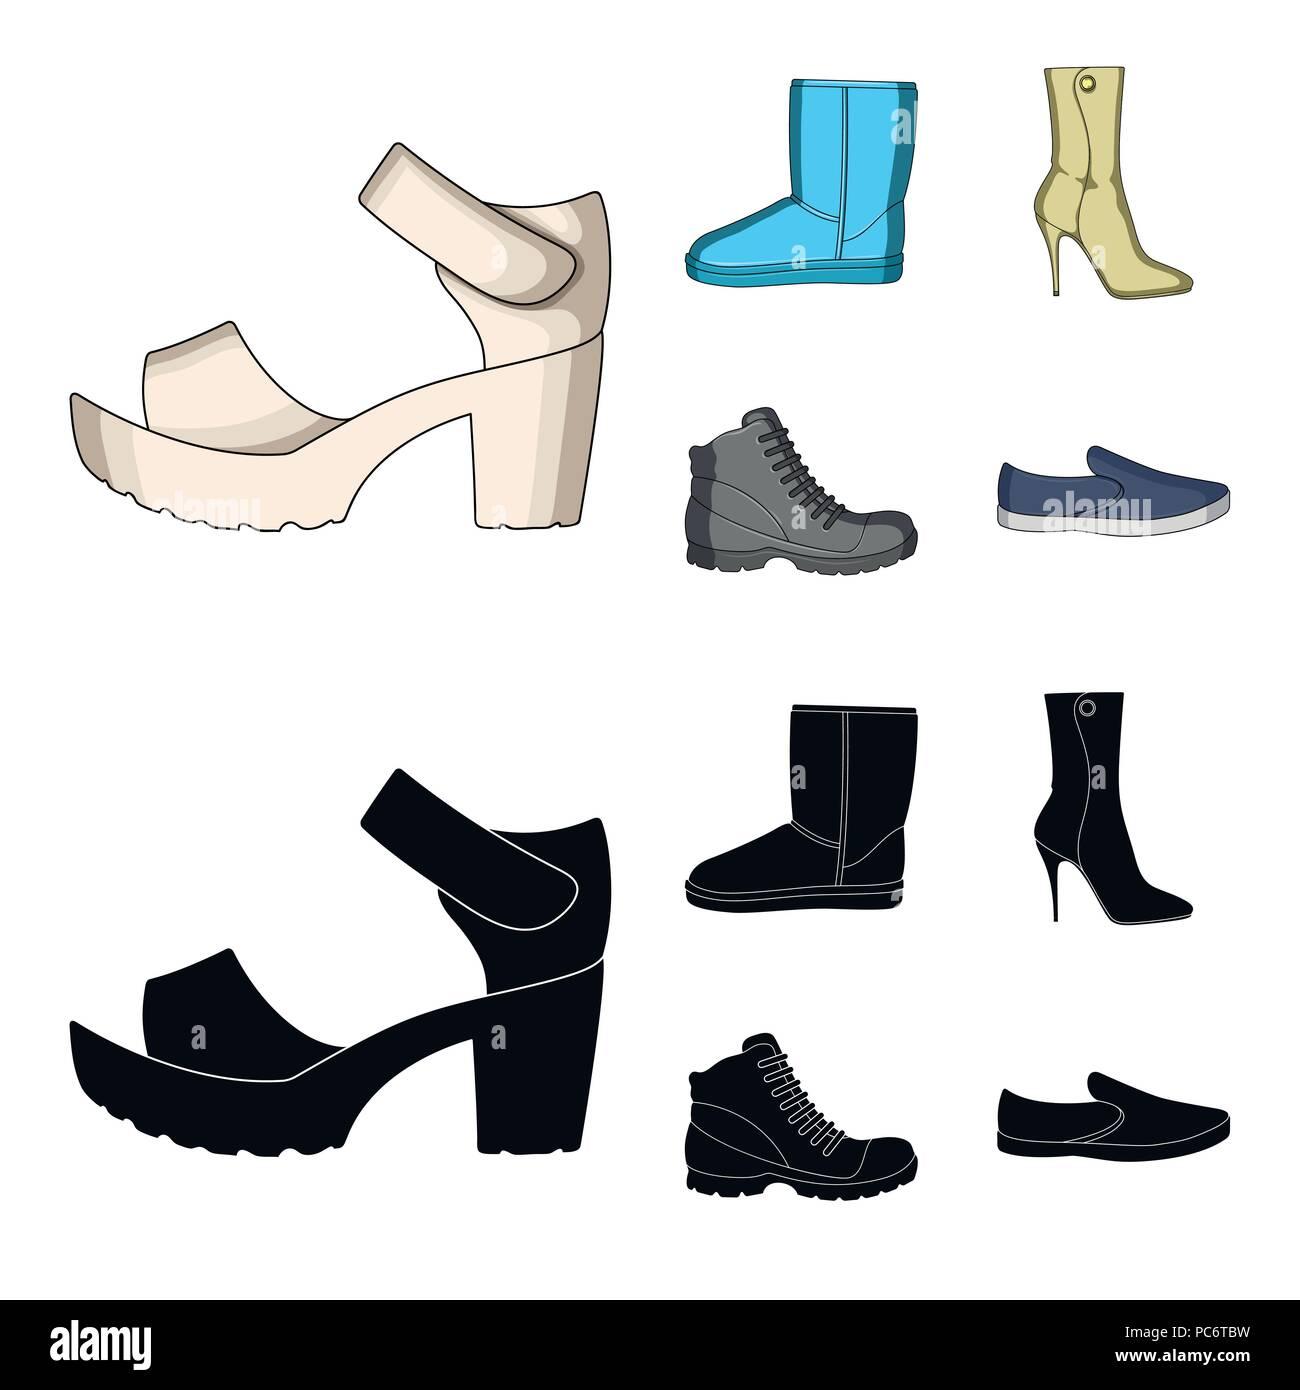 new product d91a7 aae5d Un set di icone su una vasta gamma di scarpe.scarpe diverse ...